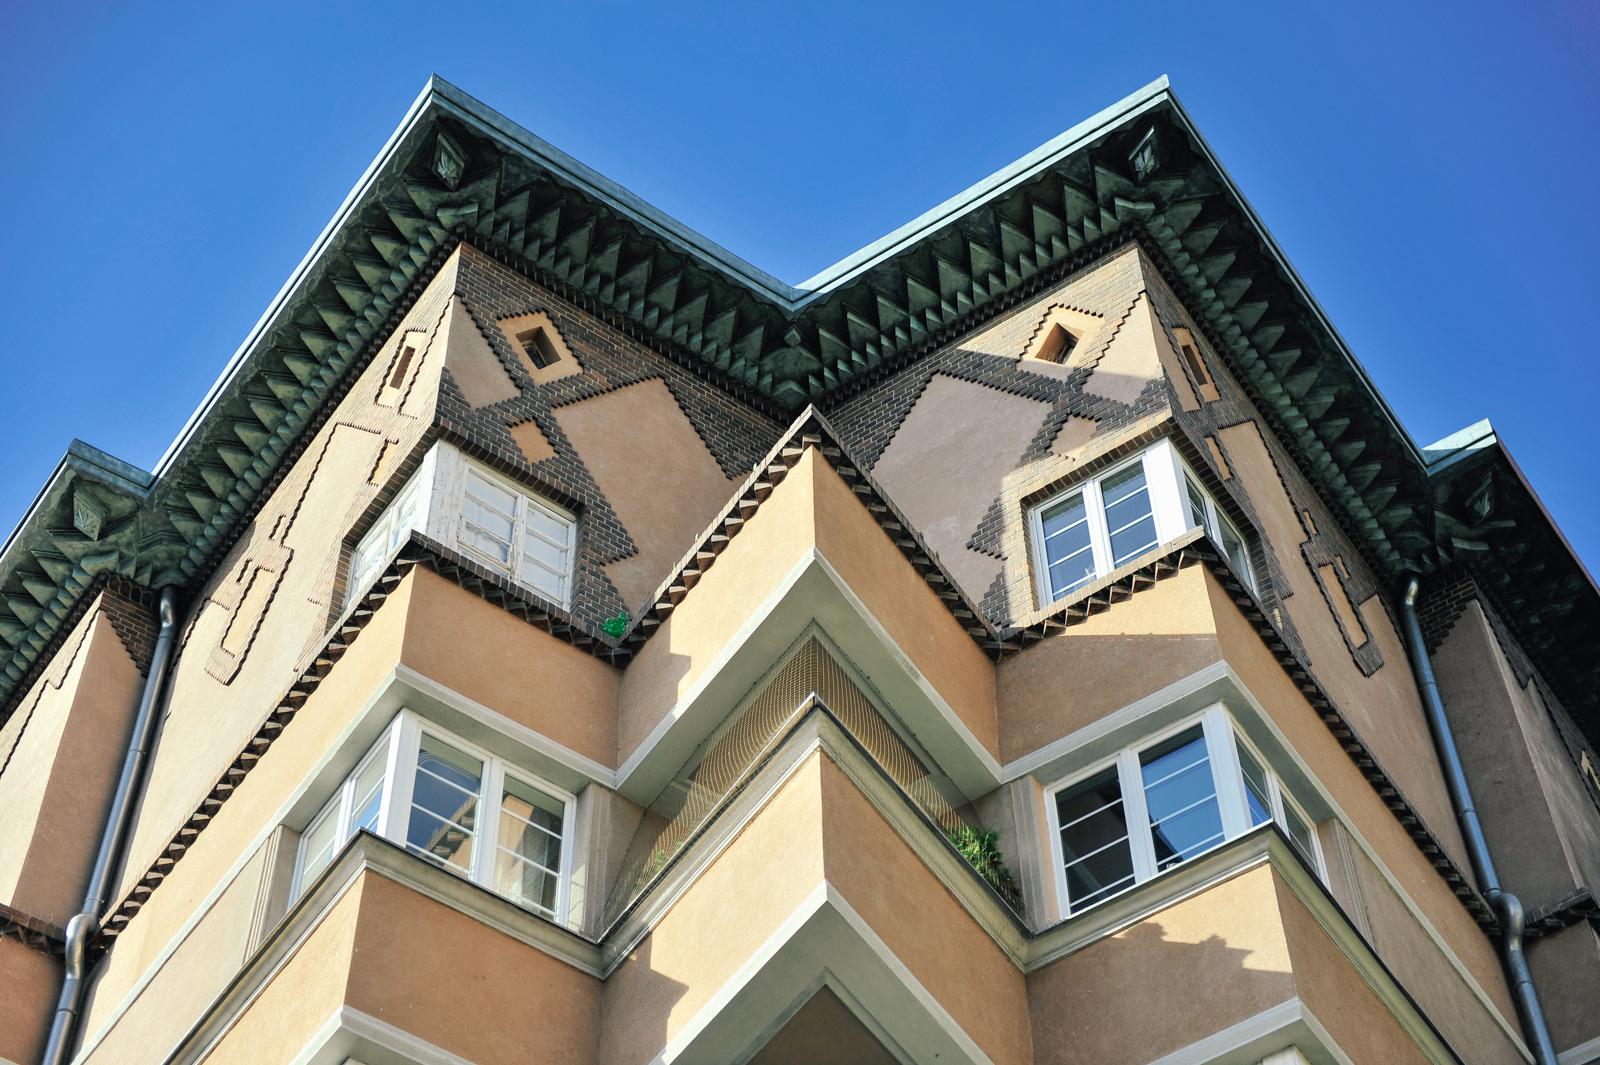 Житловий будинок, Краків, Польща. Ар деко з експресіонізмом